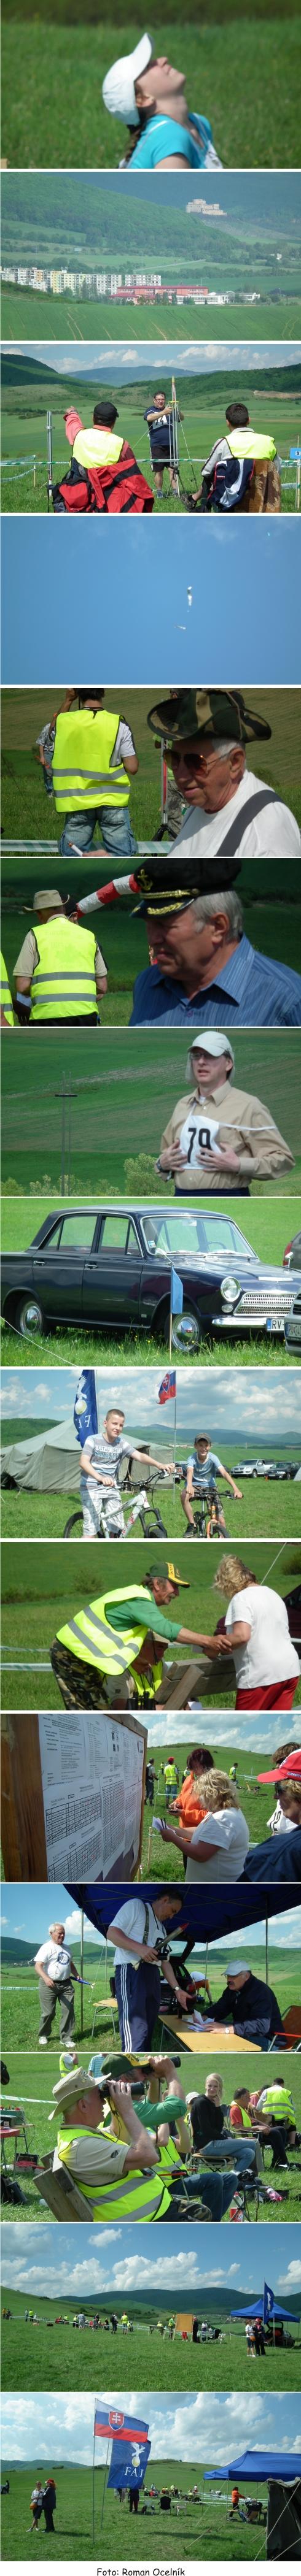 Brzotín - dejisko svetového pohára!